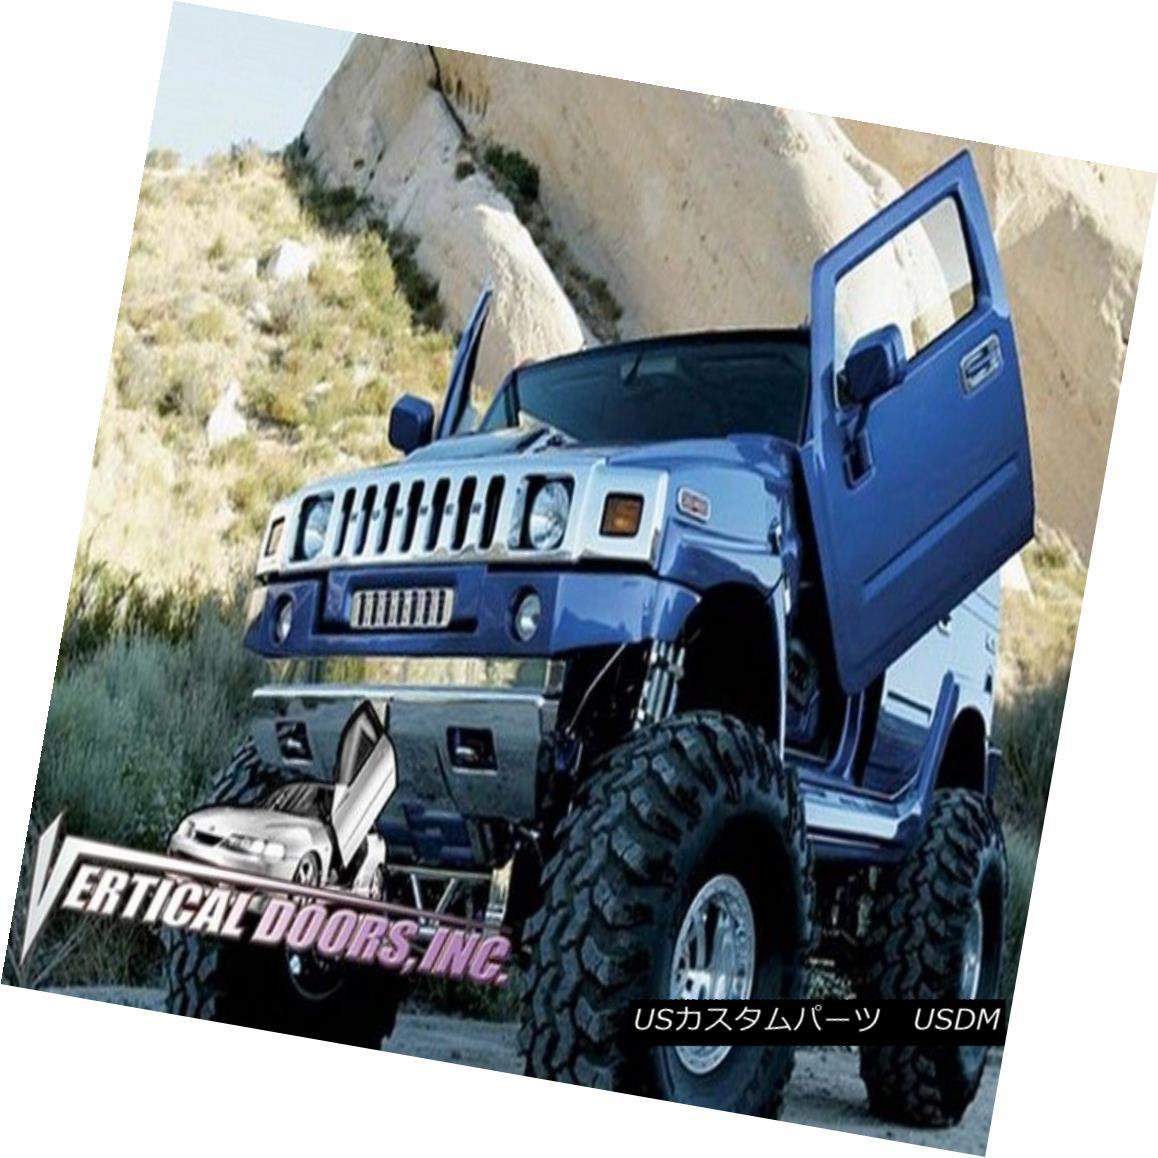 ガルウィングキット BRAND NEW VERTICAL DOORS INC LAMBO DOOR KIT FOR HUMMBR H2 2003-2008 ALL HUMMBR H 2 2003-2008年のすべてのブランド新しい垂直ドアINCのランボードアキット